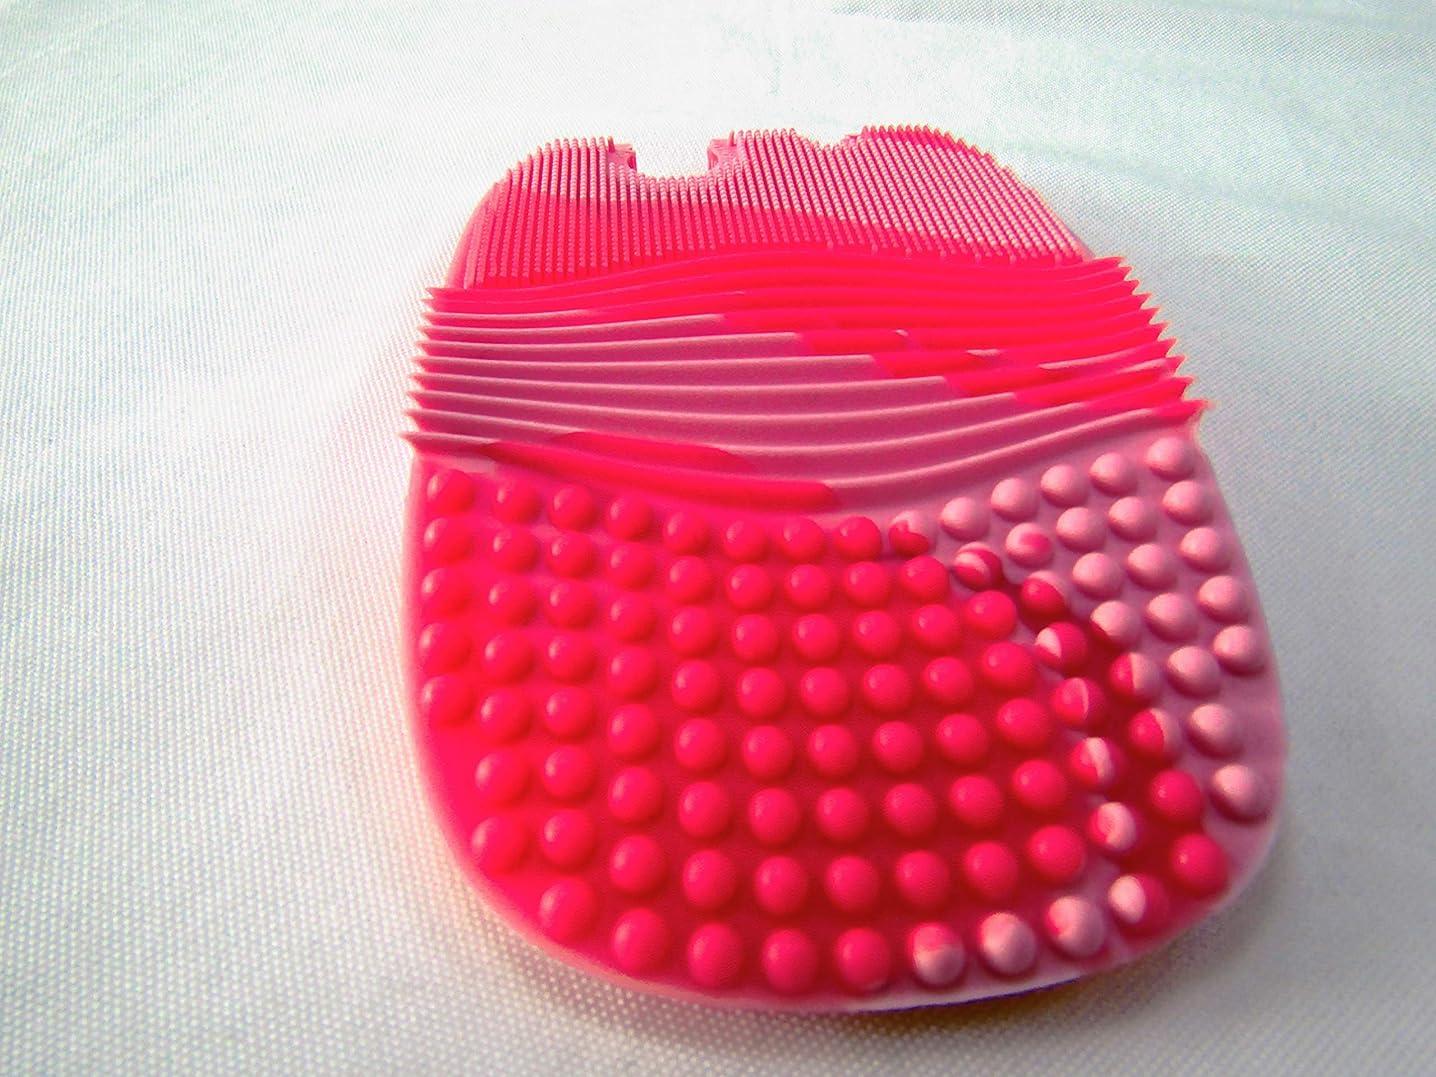 ツーリストパケット新聞化粧ブラシクリーナー メイクブラシクリーニング メイクブラシクリーナー 化粧ツールクリーナー メイクブラシ クリーニングマット シリコン 洗濯板 旅行 (ピンク)